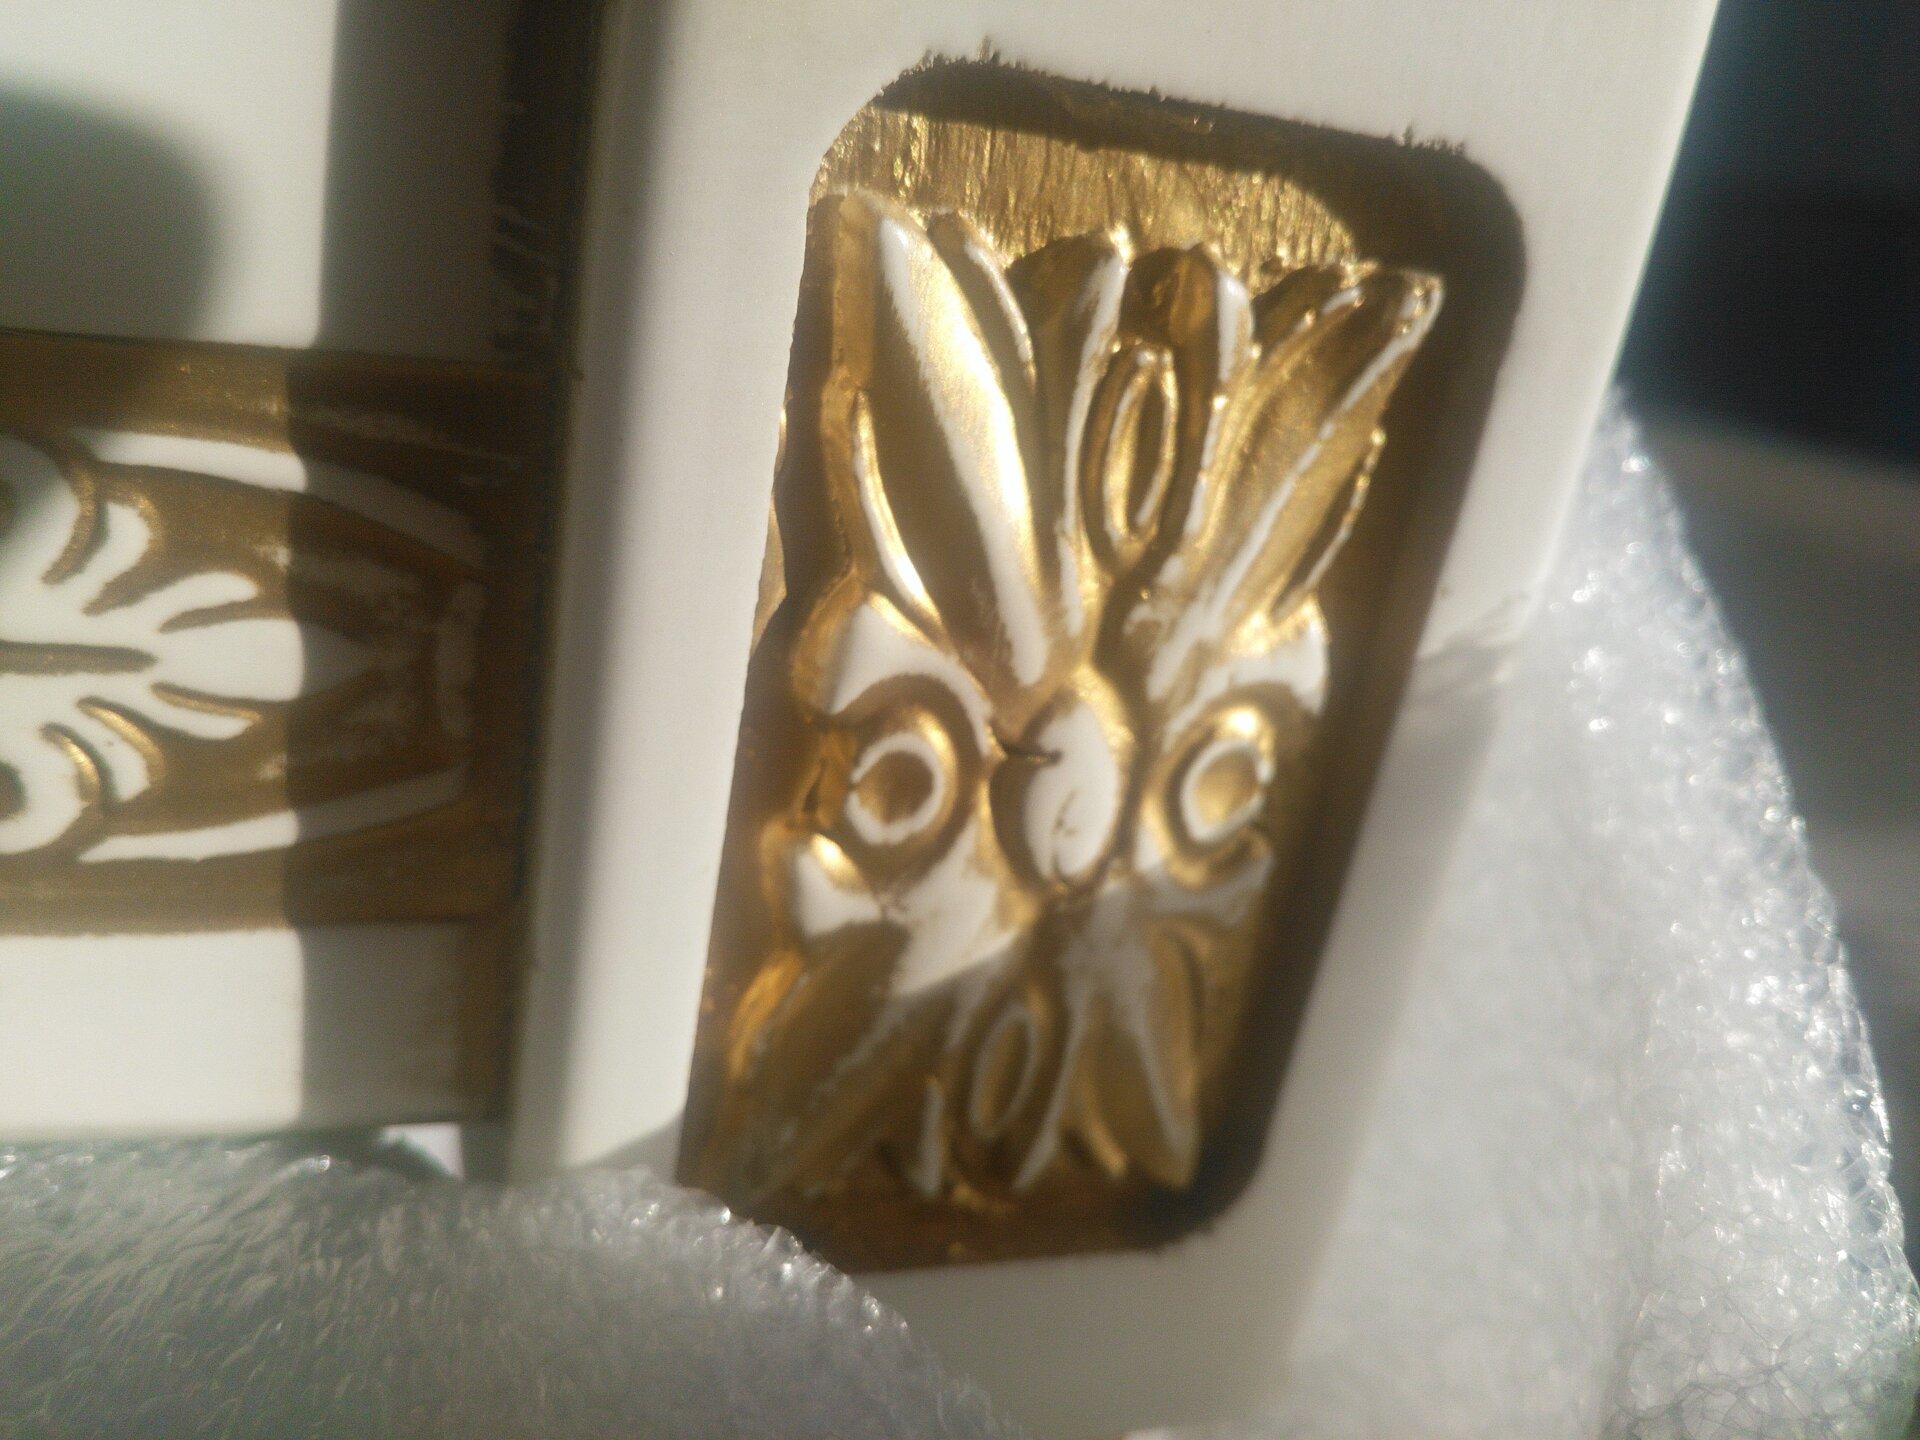 Стул из массива бука 5 слоновая кость с золотой патиной - фото pic_4c2d3339ba24015004bd04d935f11e22_1920x9000_1.jpg